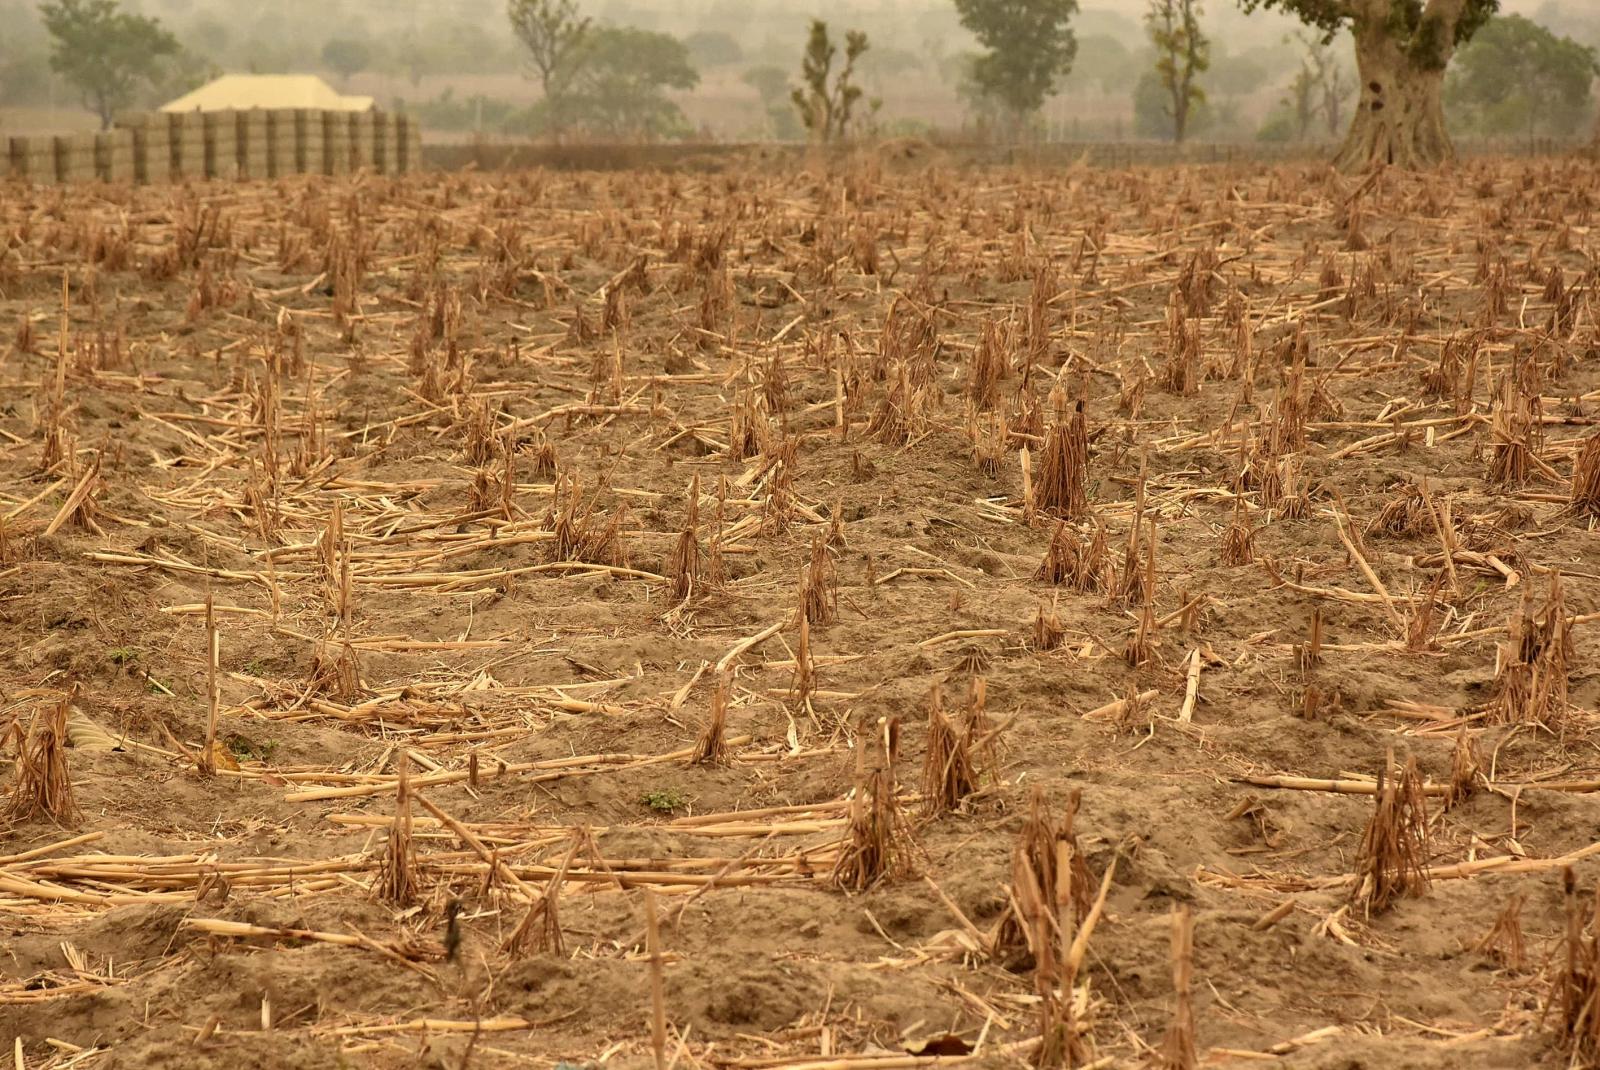 Pole pszenicy w Maiduguri, Nigeria. Ponad 1,8 miliona Nigeryjczyków mierzy się obecnie z problemem braku żywności. Według szefa akcji humanitarnej ONZ Stephena O'Briena ponad 20 milionów ludzi w Jemenie, Somalii, Sudanie Południowym i Nigerii głoduje. To największy kryzys humanitarny w historii Organizacji Narodów Zjednoczonych.